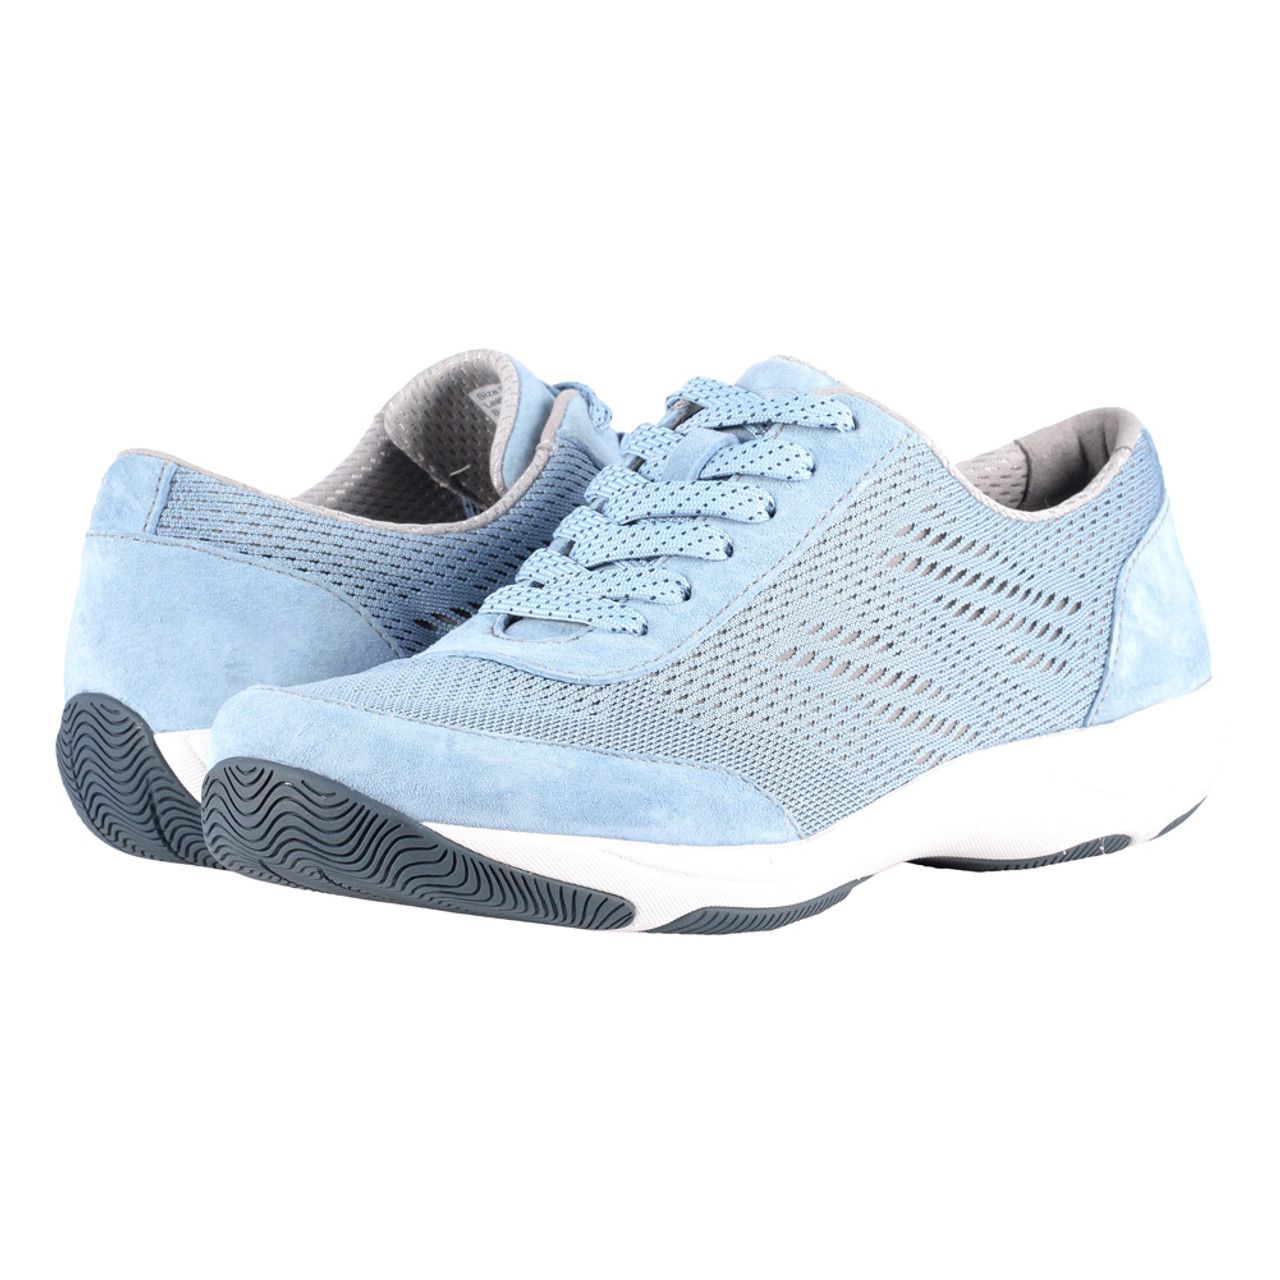 Dansko Women's Hayes Sneaker - Blue